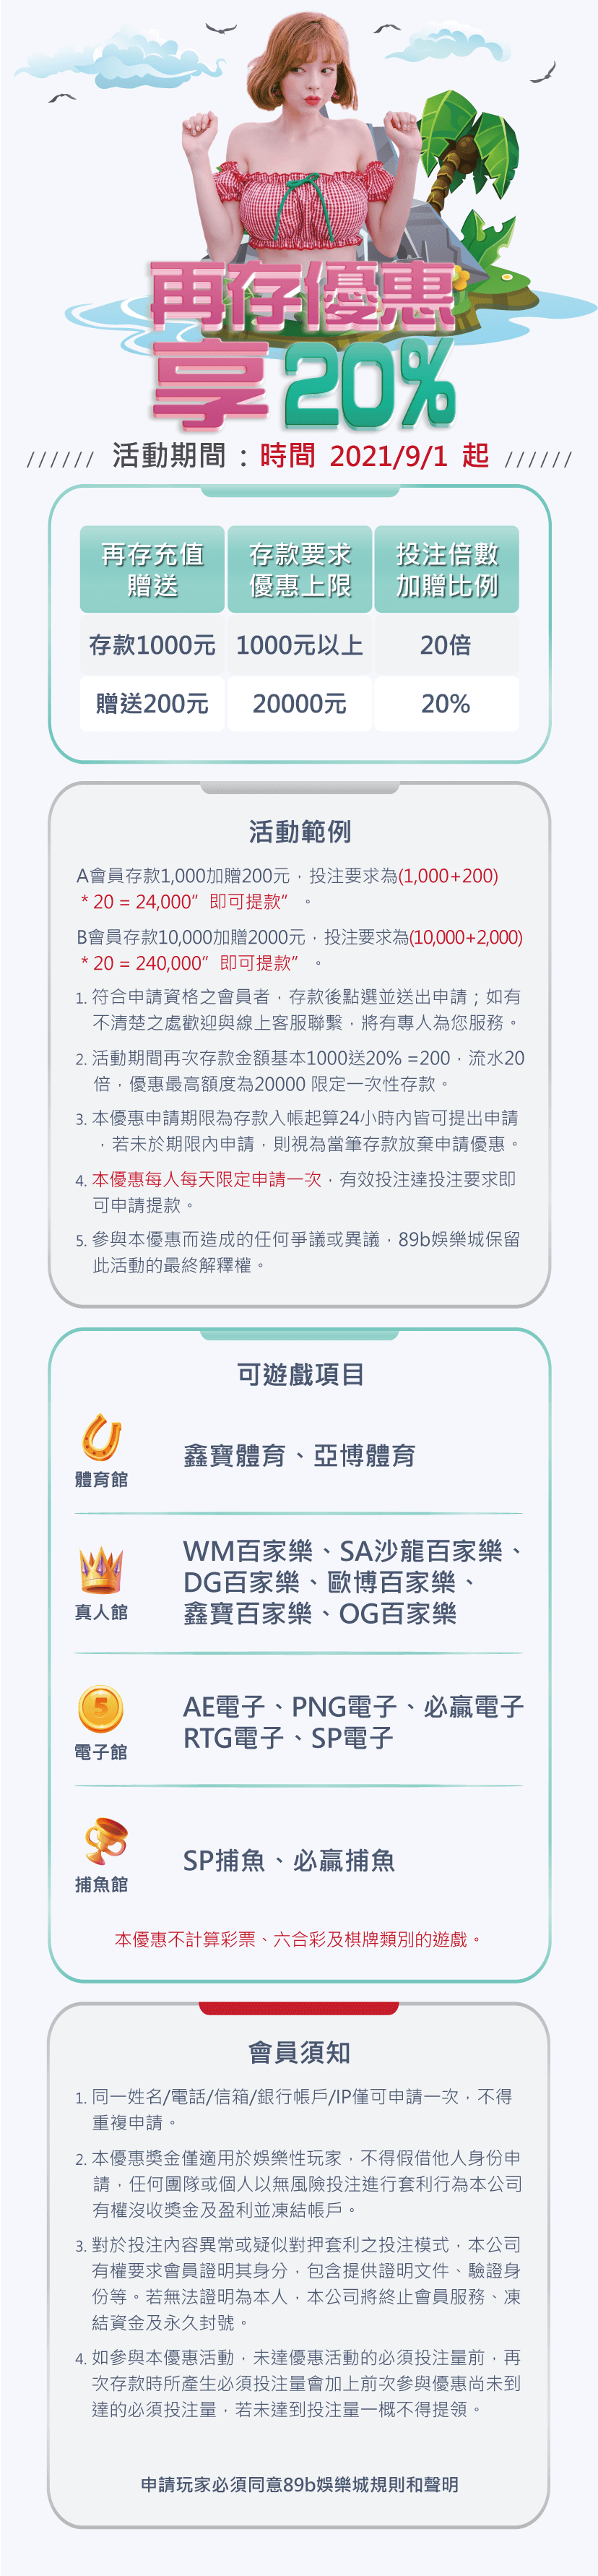 再次存款送20%,最高優惠2萬|89博娛樂城